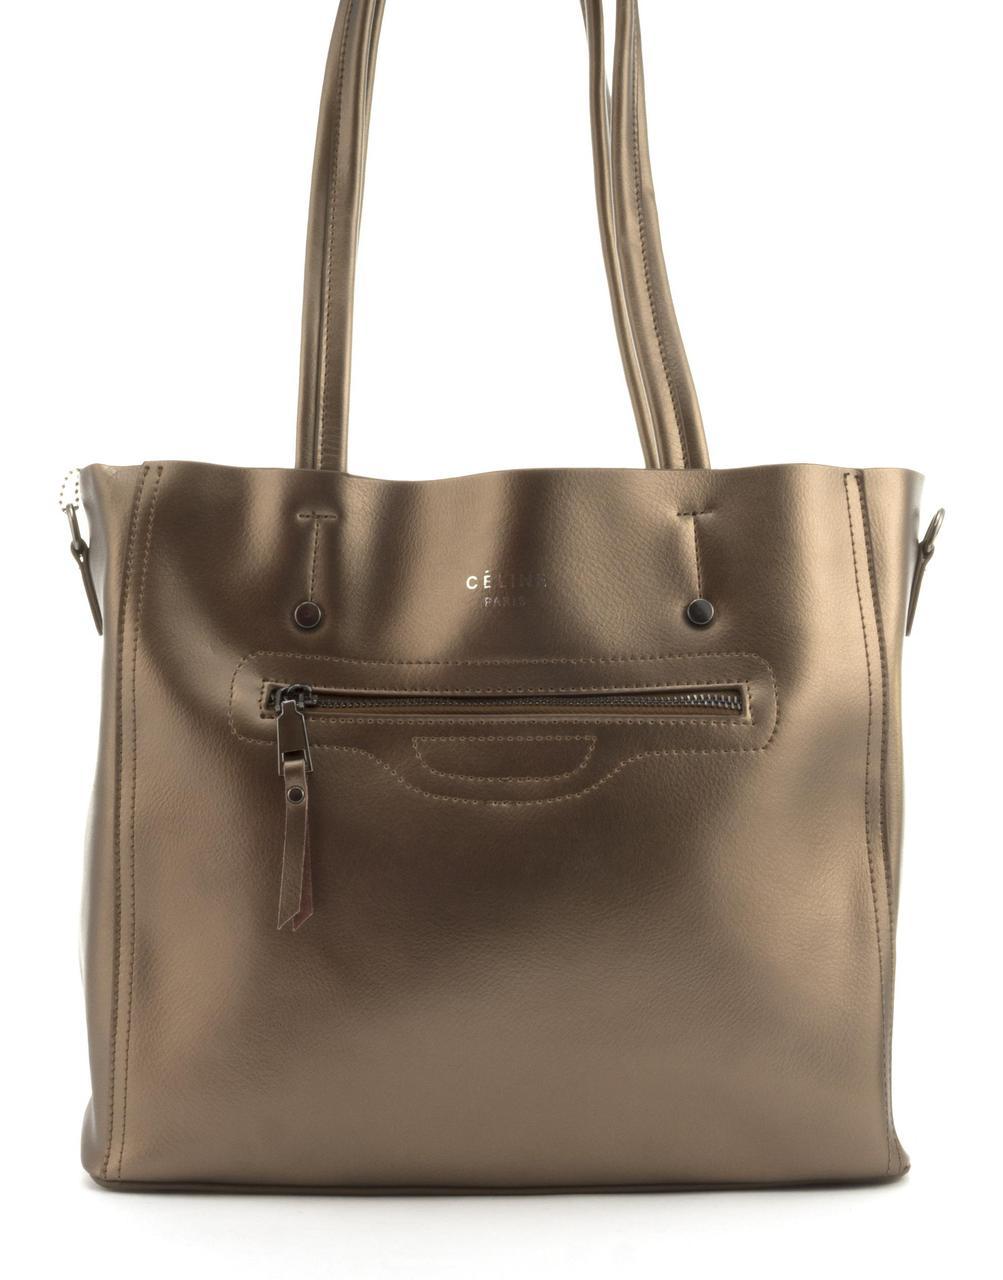 Суперстильная вместительная кожана прочная женская сумка CELINE art. 8869 бронзовая